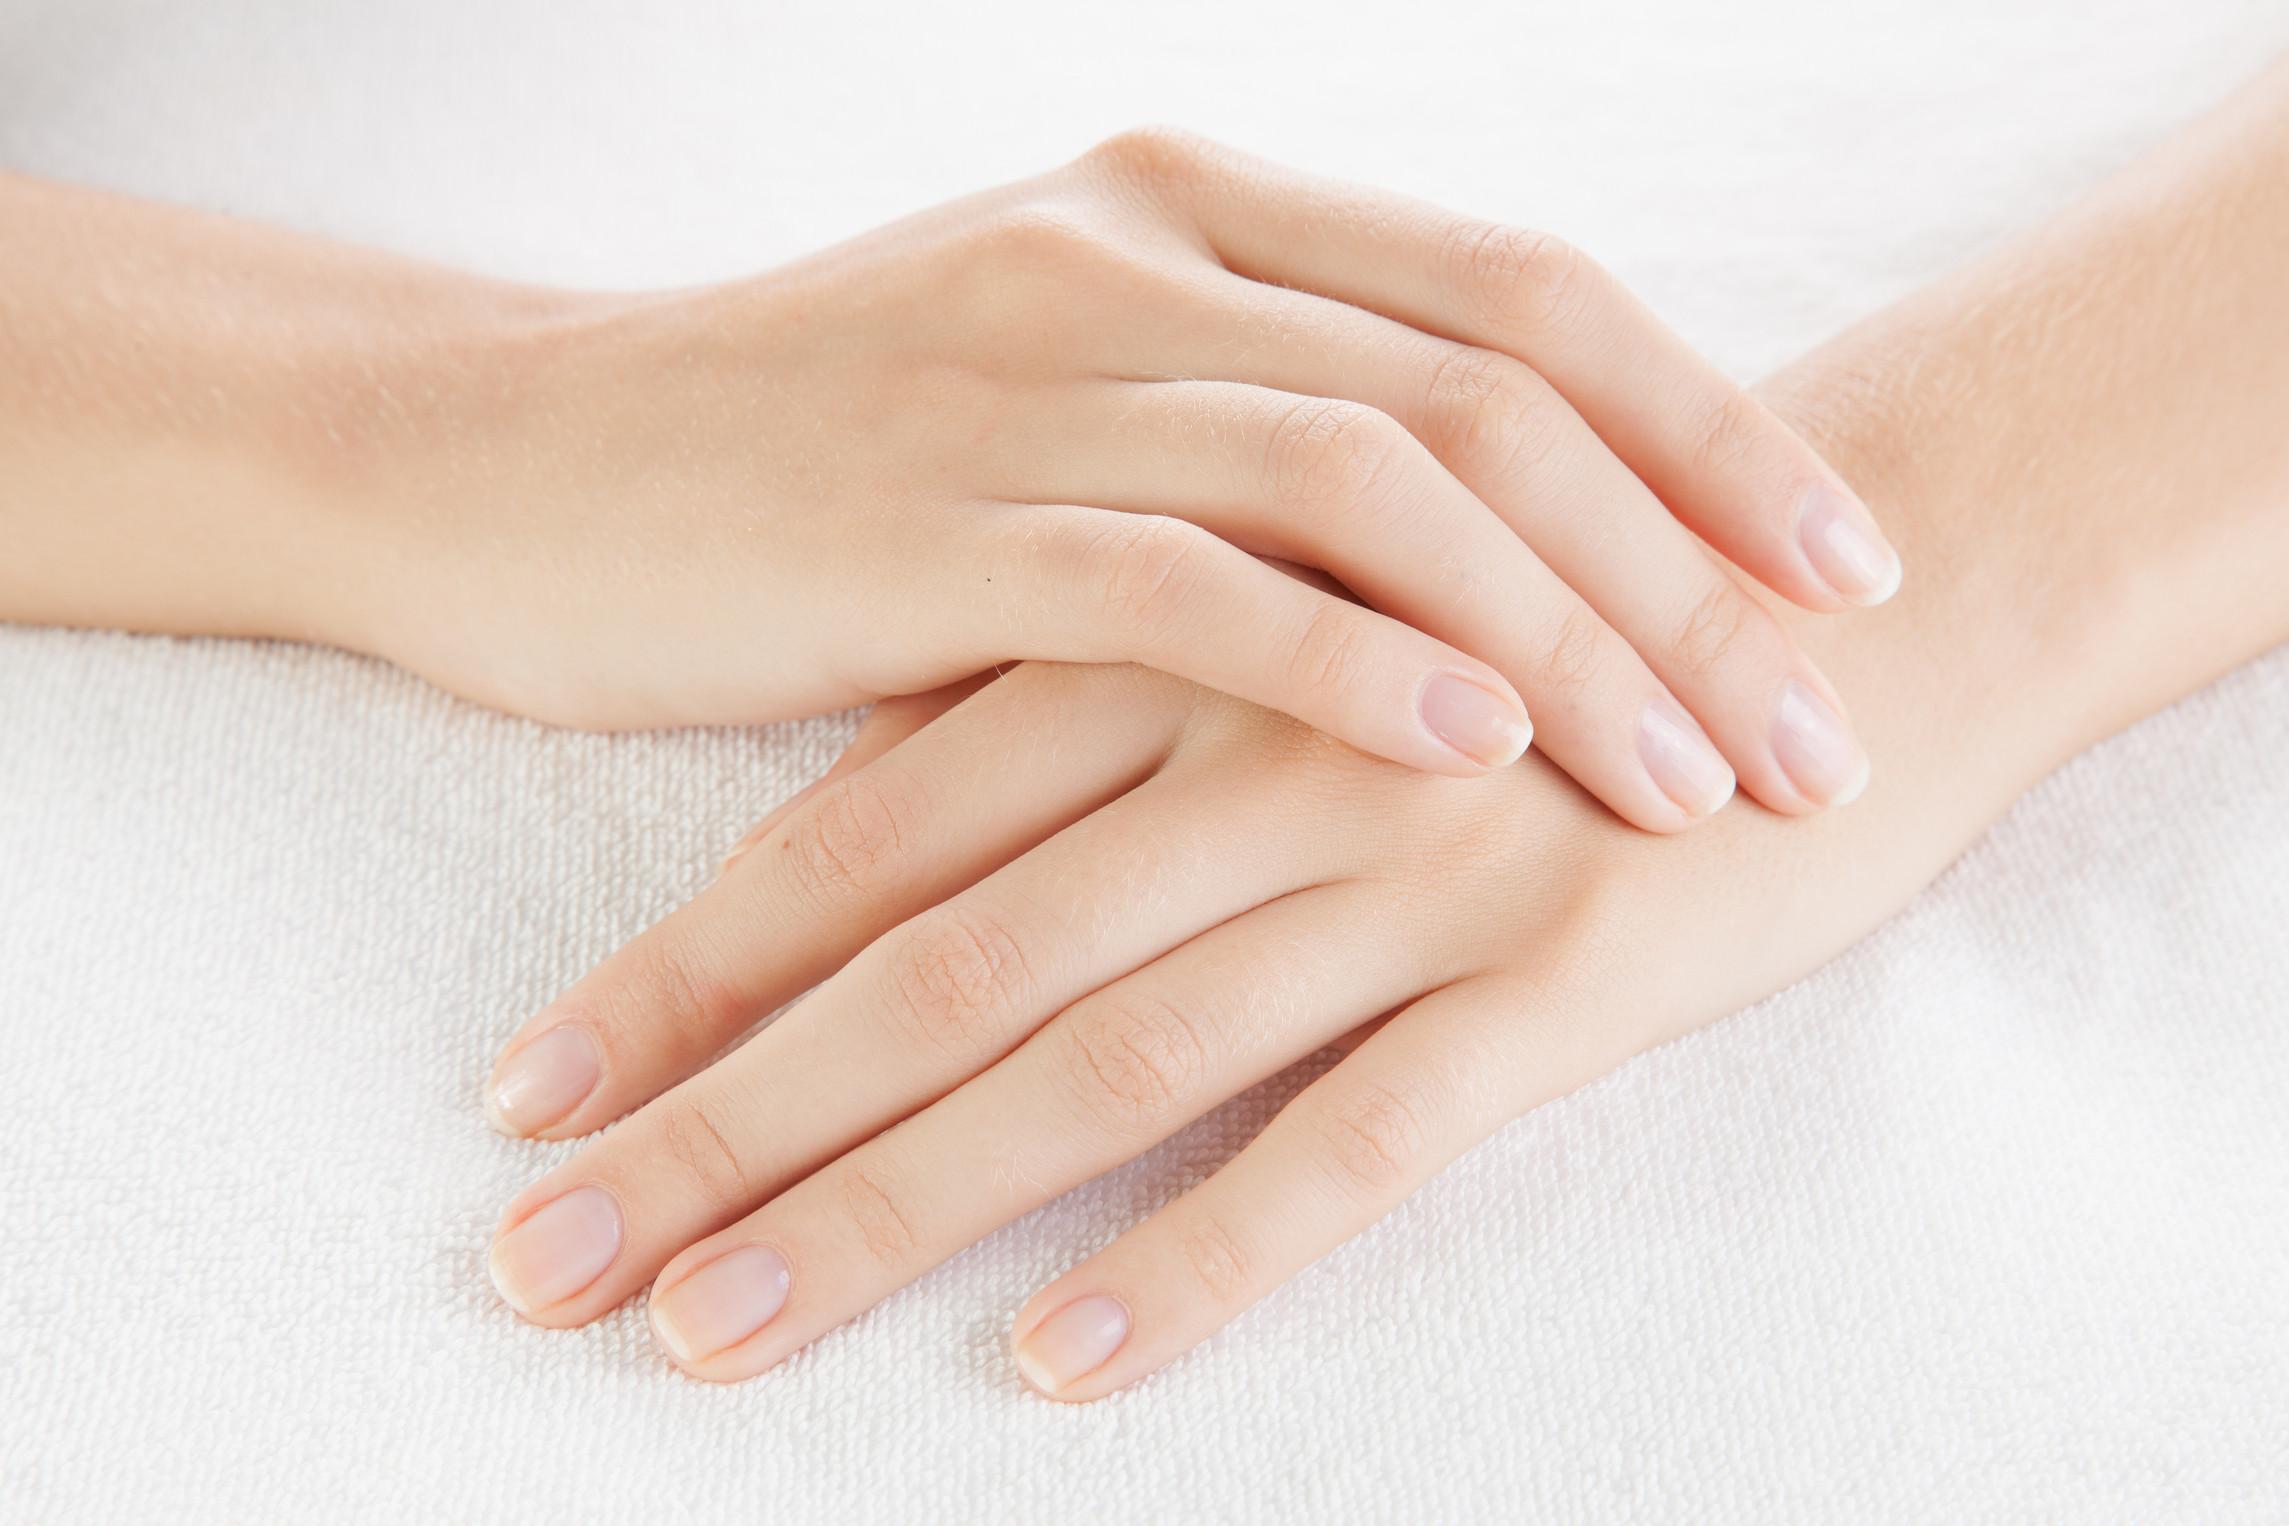 phụ nữ sở hữu bàn tay mềm mại thường sinh ra trong gia đình sung túc Marry